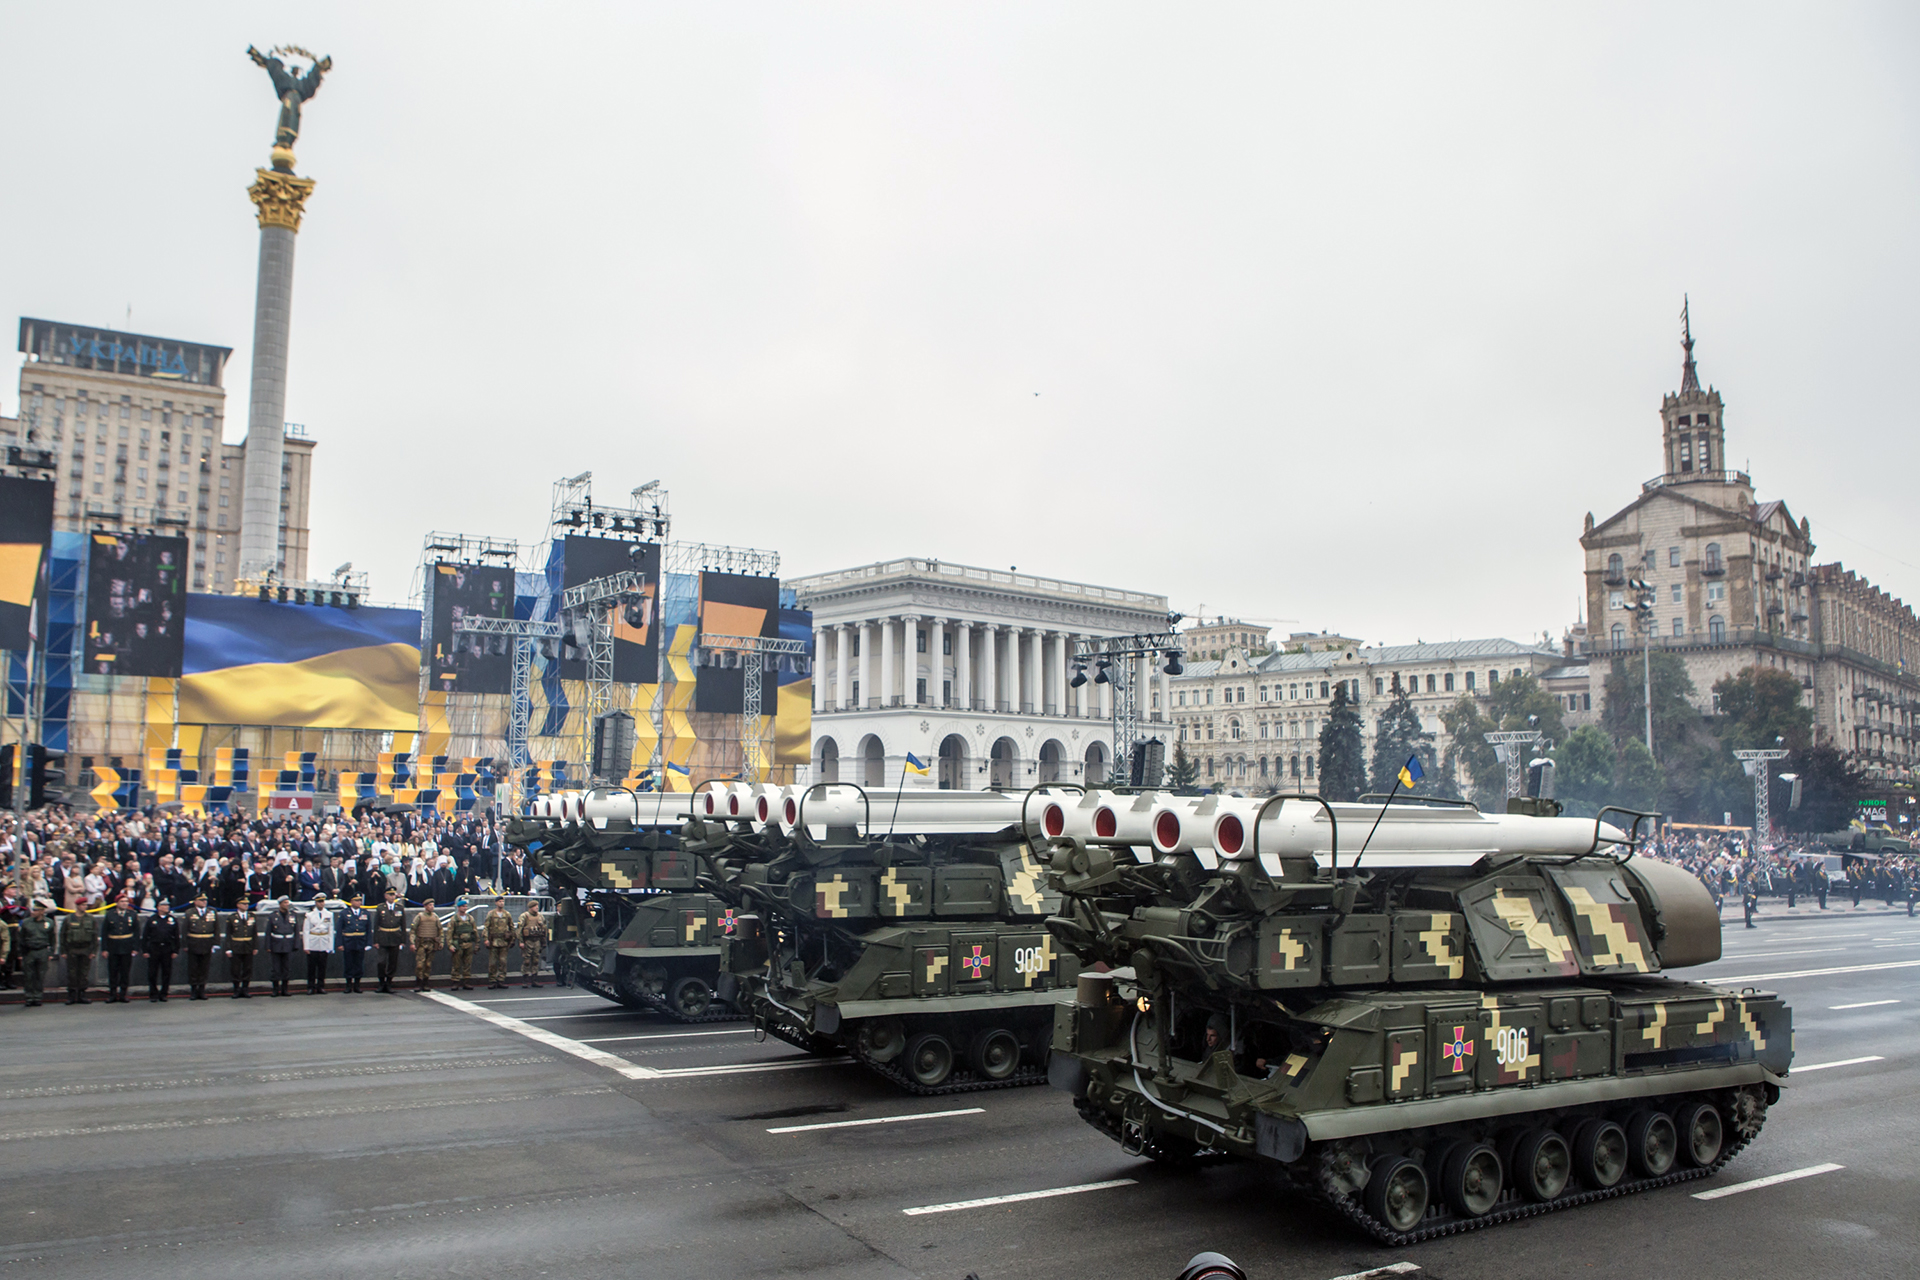 ukraine_1514003837048-159532.jpg15185776